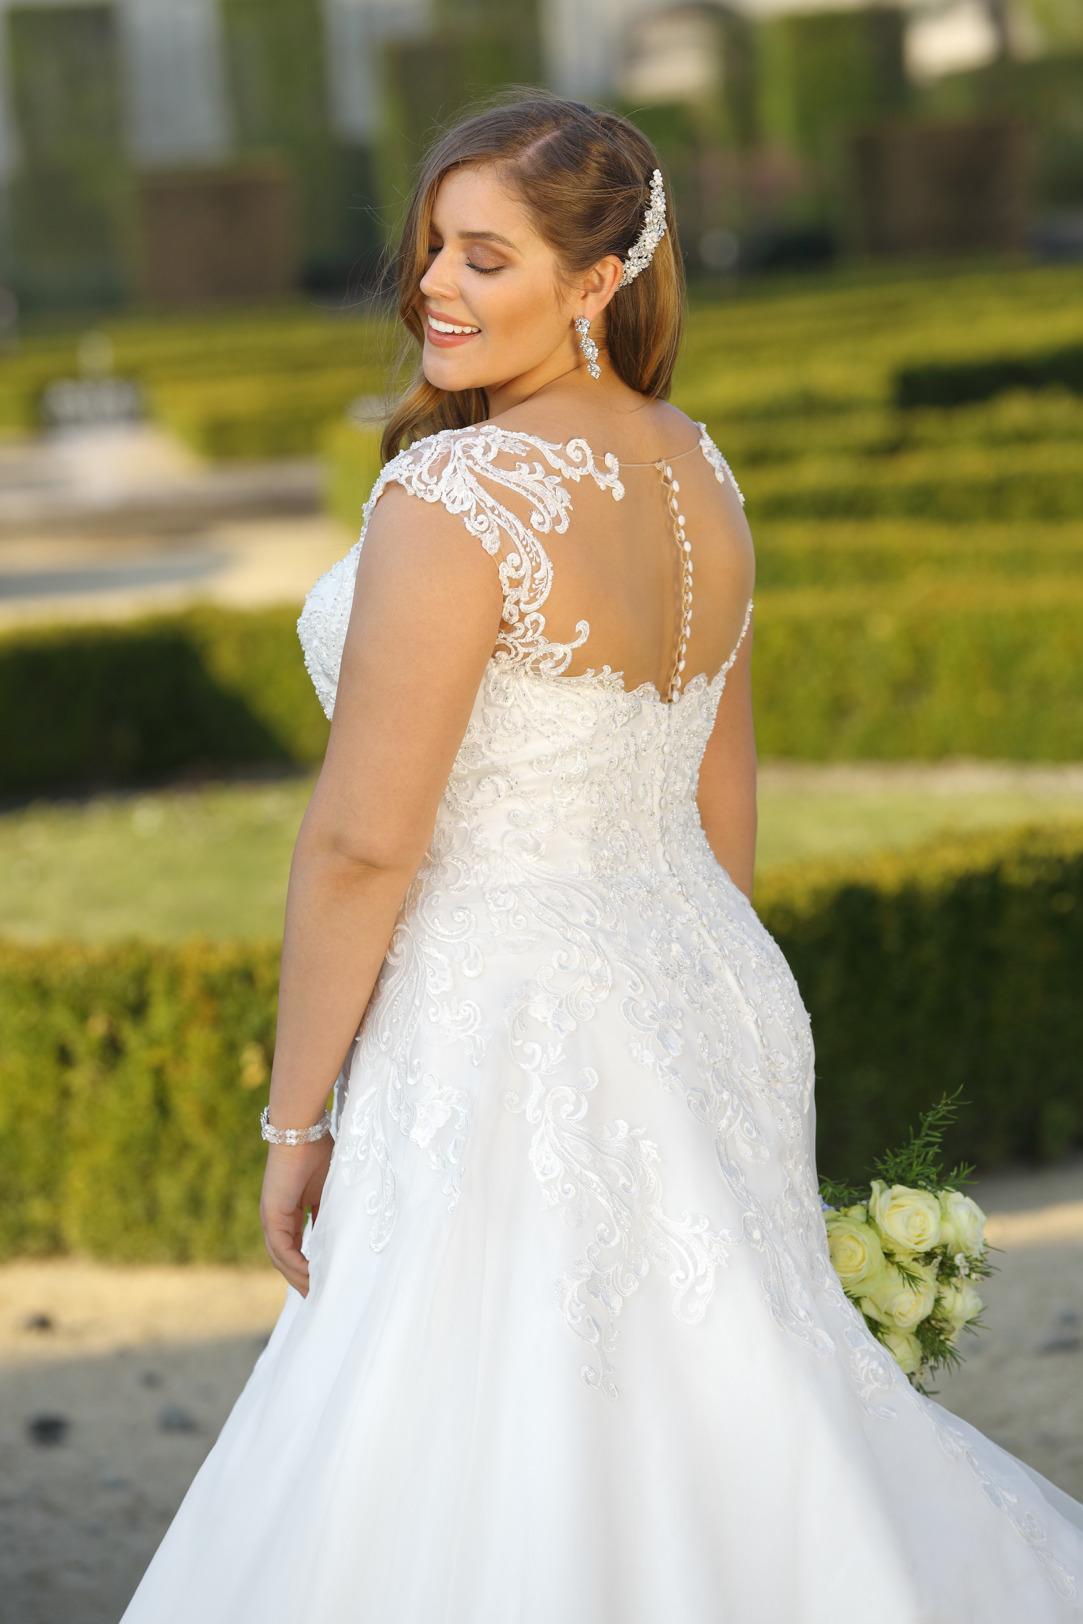 Brautkleider Hochzeitskleider Mode Meerjungfrau Stil Ladybird grosse Grösse plus size Tatoo Spitze Rock mit Schleppe fit and flare Rückenansicht